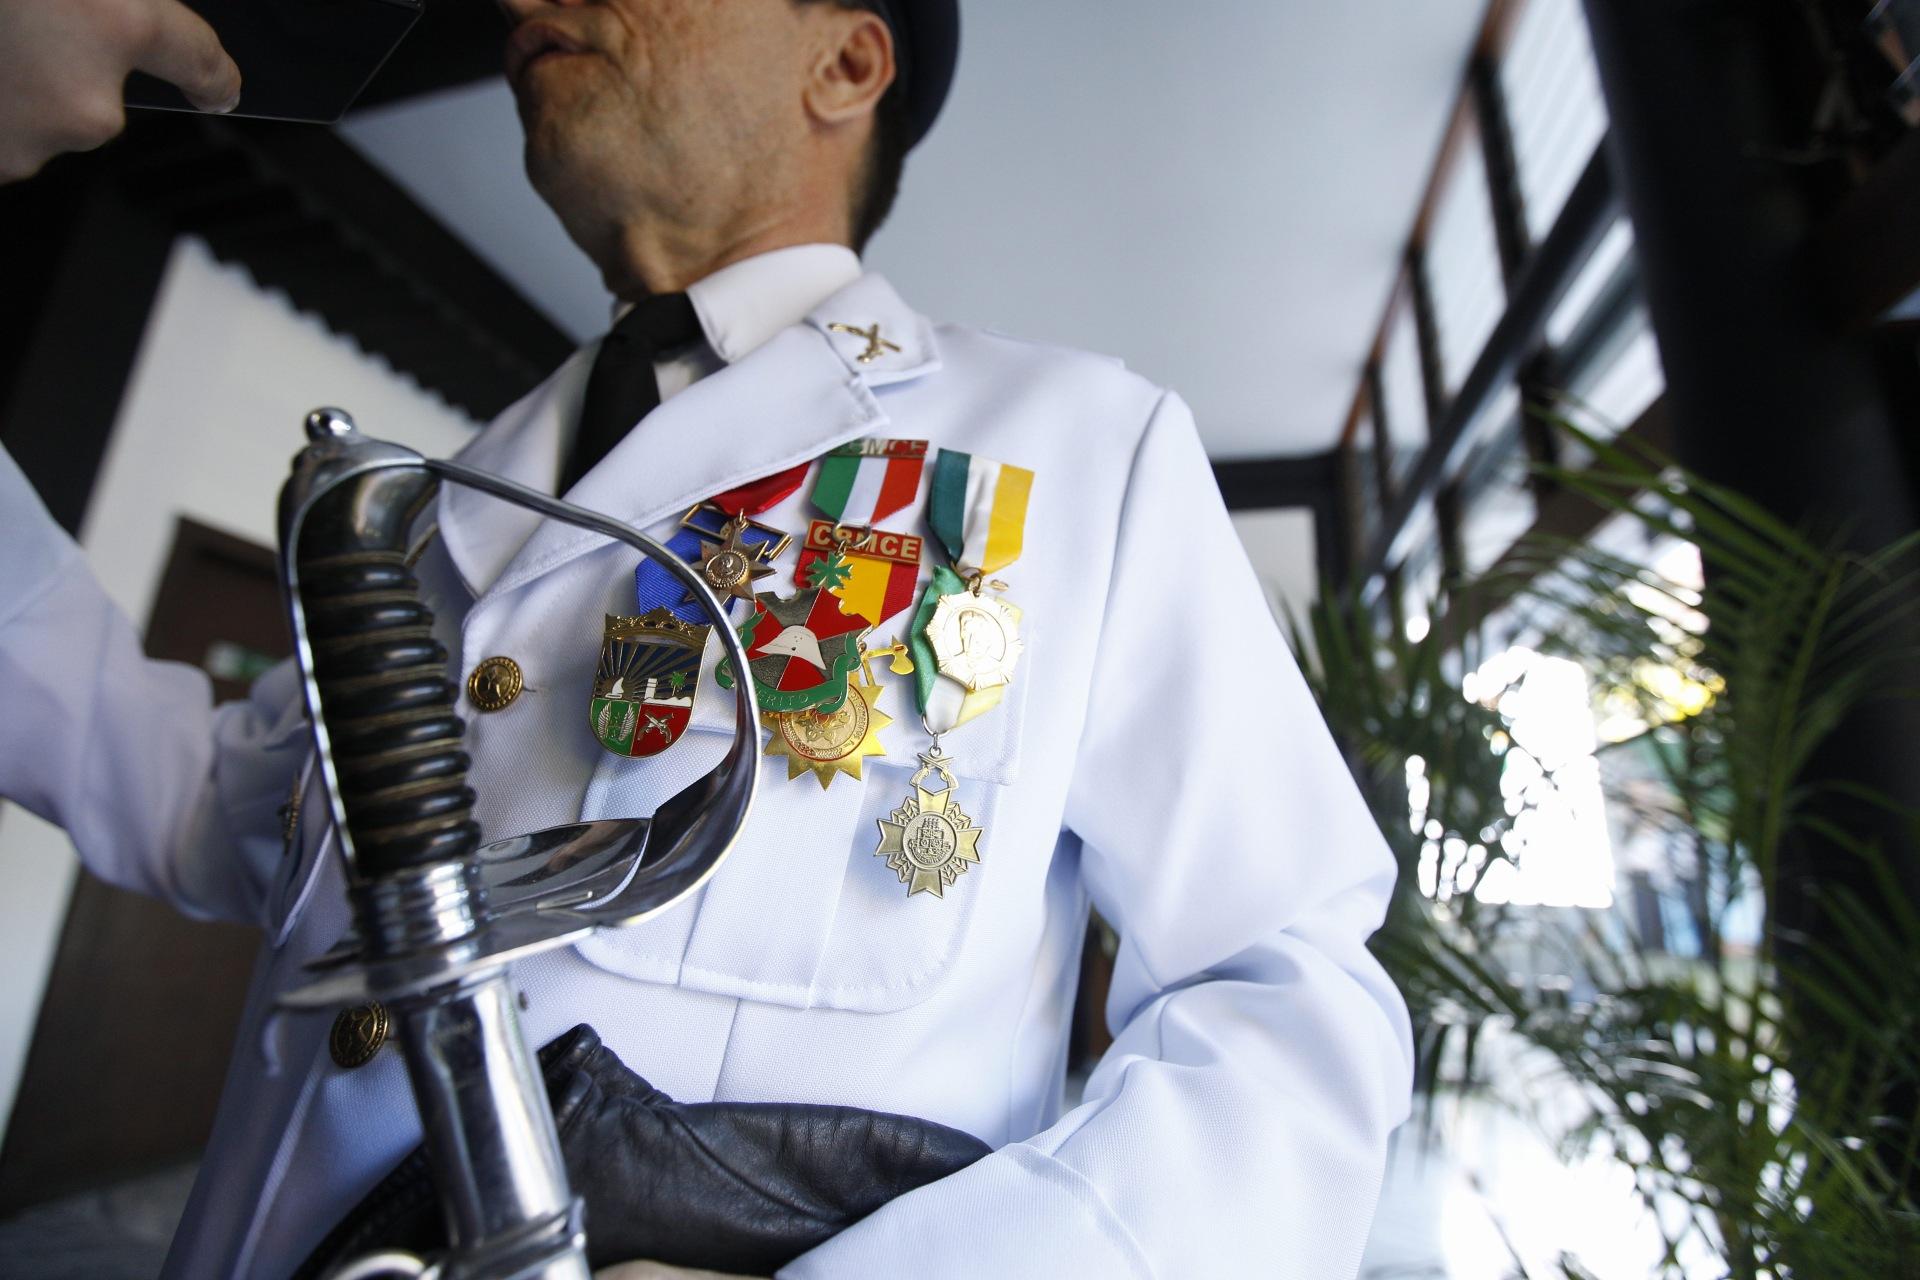 Foto de um oficial militar em traje de gala, na cerimônia de promoção. Foto: Tiago Stille